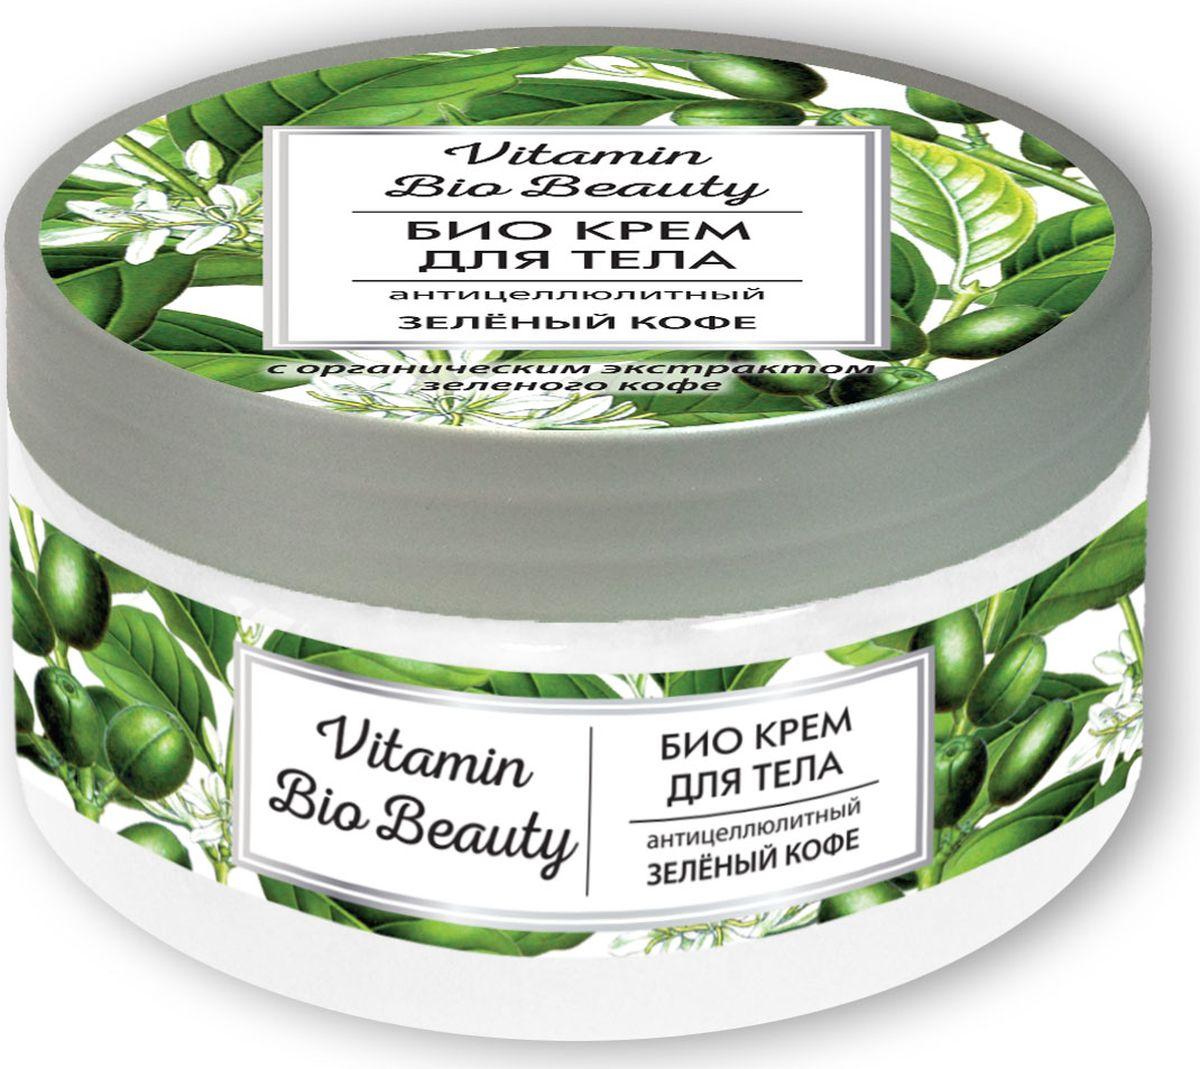 Vitamin Bio Beauty Крем для тела зеленый кофе антицеллюлитный, 250 мл215-030-93863Vitamin Bio Beauty Крем для тела зеленый кофе антицеллюлитный 250мл обогащен органическим экстрактом зеленого кофе, который способствует повышению упругости кожи и предупреждает появление целлюлита. Ценное масло ши увлажняет и питает, способствует продлению молодости кожи. Экстракт апельсина активизирует синтез коллагена, укрепляет и подтягивает кожу. Крем быстро впитывается, не оставляя на коже липкой пленки. Пусть Ваша кожа всегда будет красивой, подтянутой и упругой!